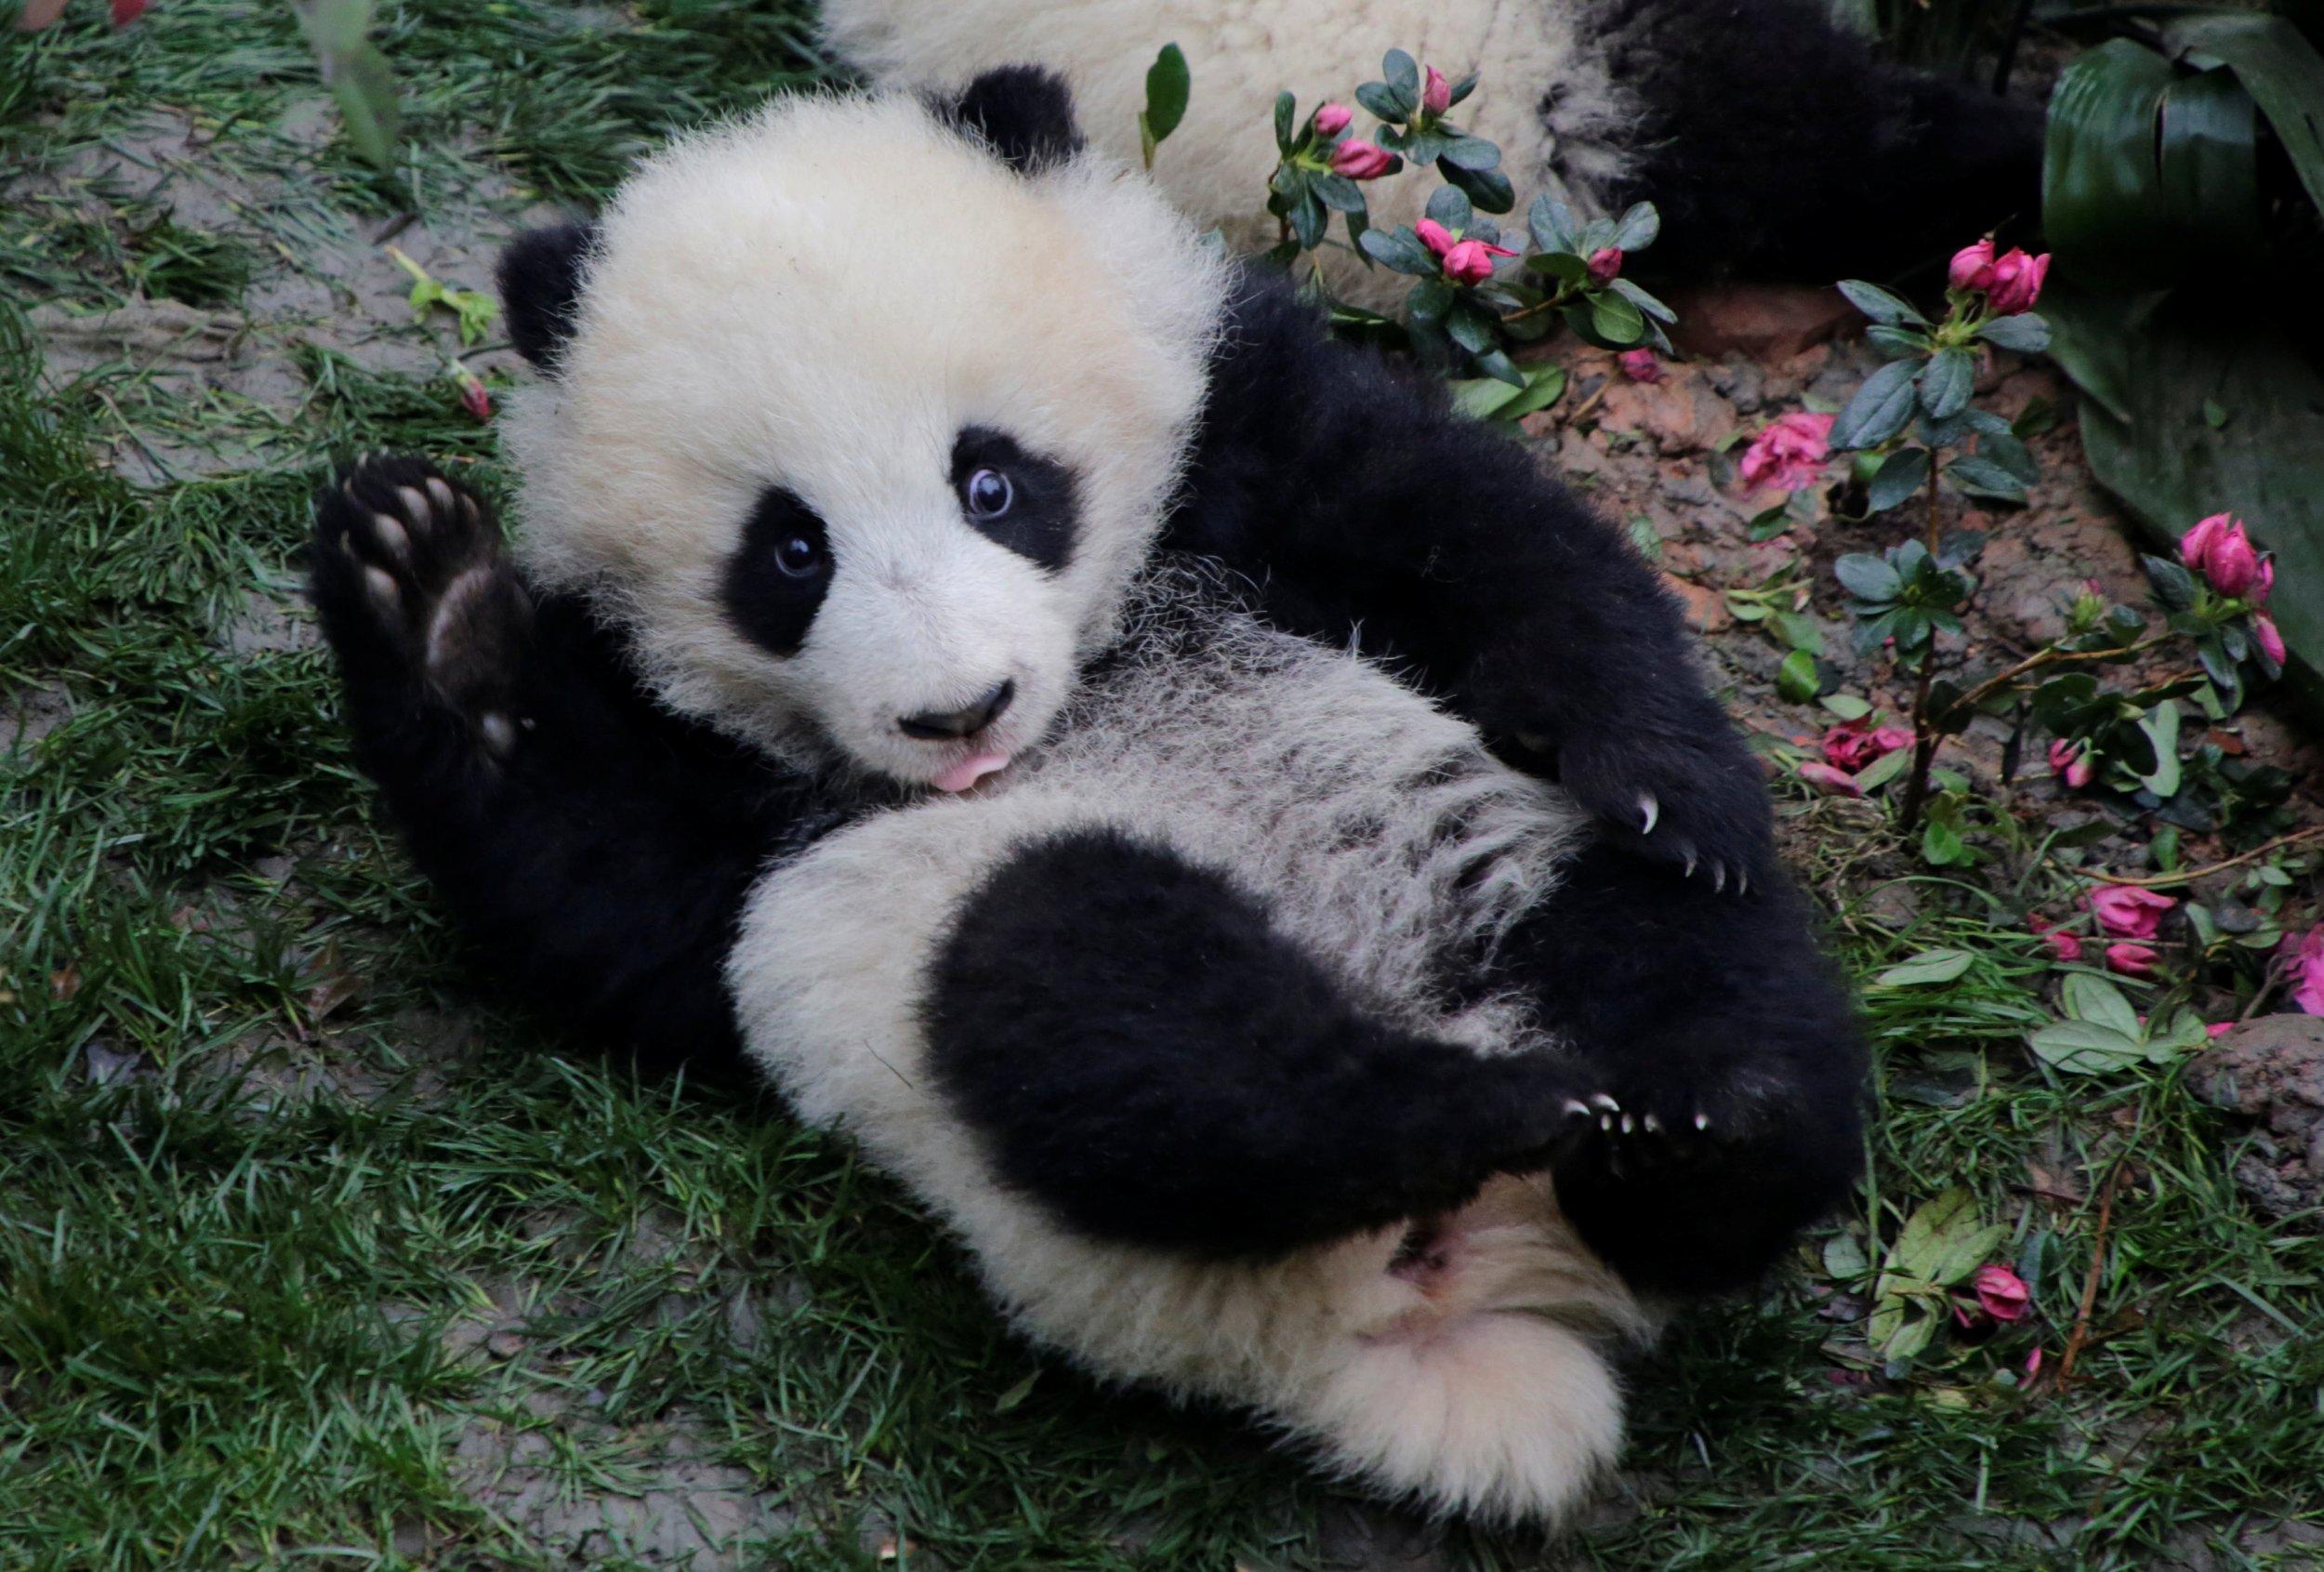 cute baby panda cubs